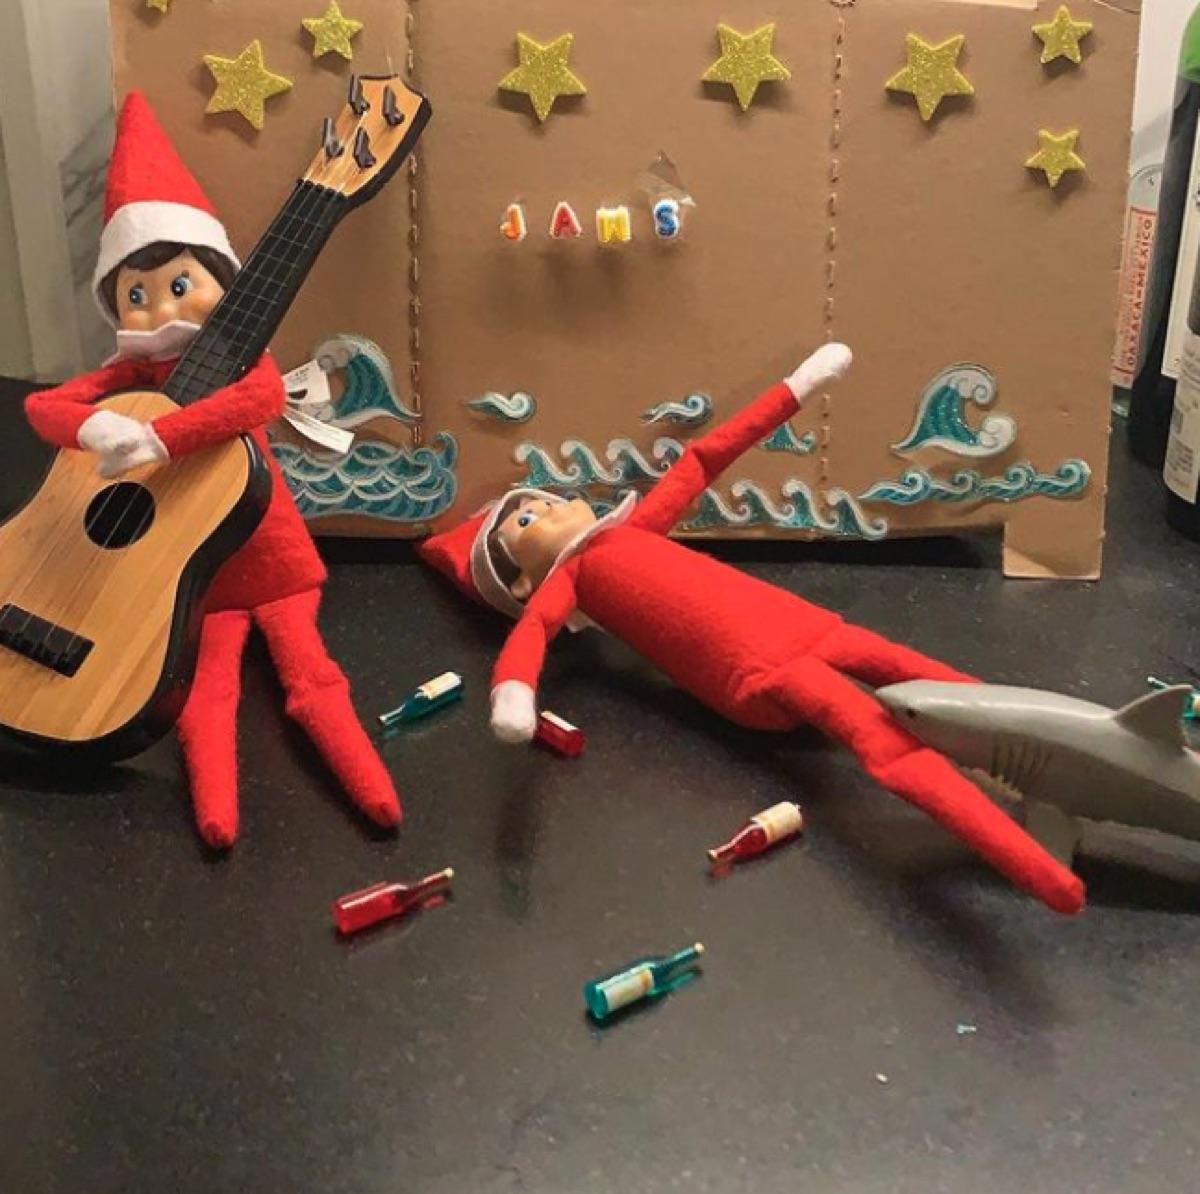 Jenny Mollen's Elf on a Shelf scene